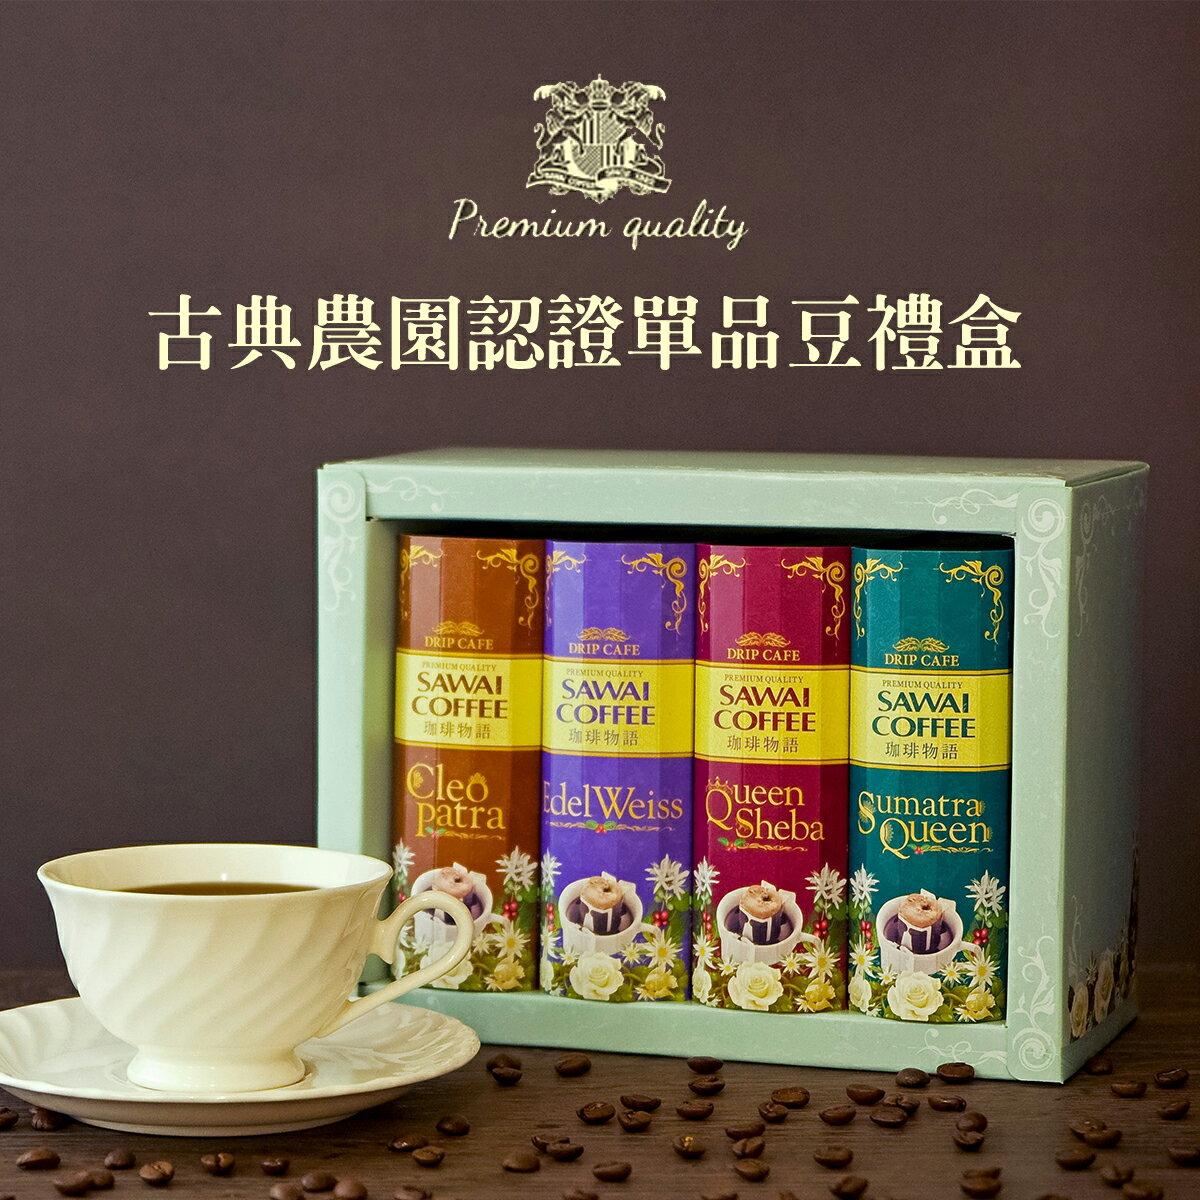 【澤井咖啡】古典農園認證單品豆禮盒